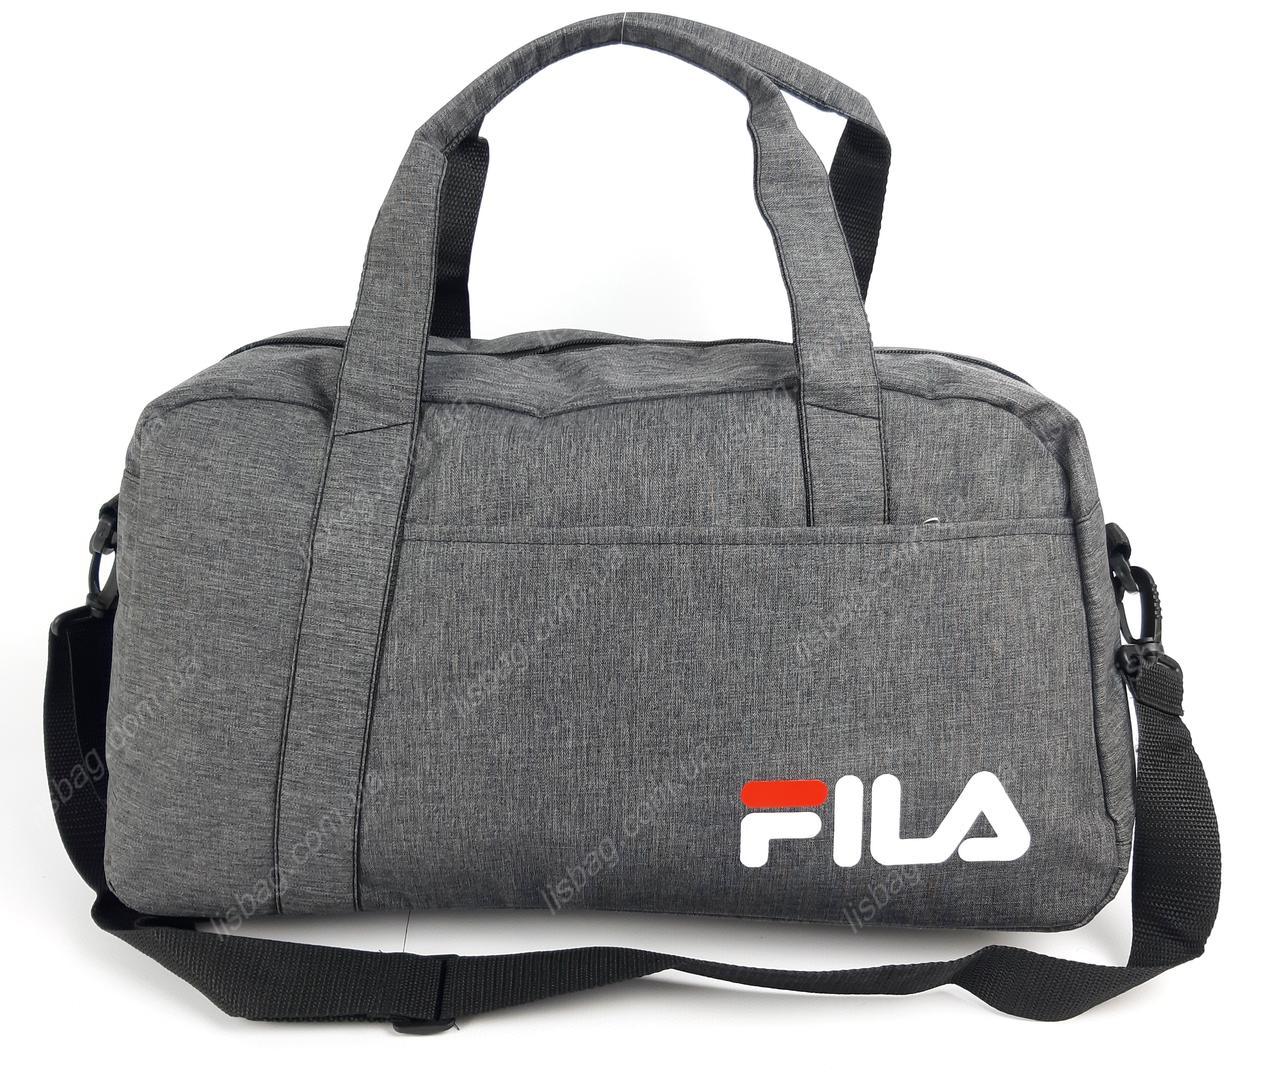 70bf2a7b10e9 Вместительная спортивная сумка Fila реплика люкс качества, Серая ...